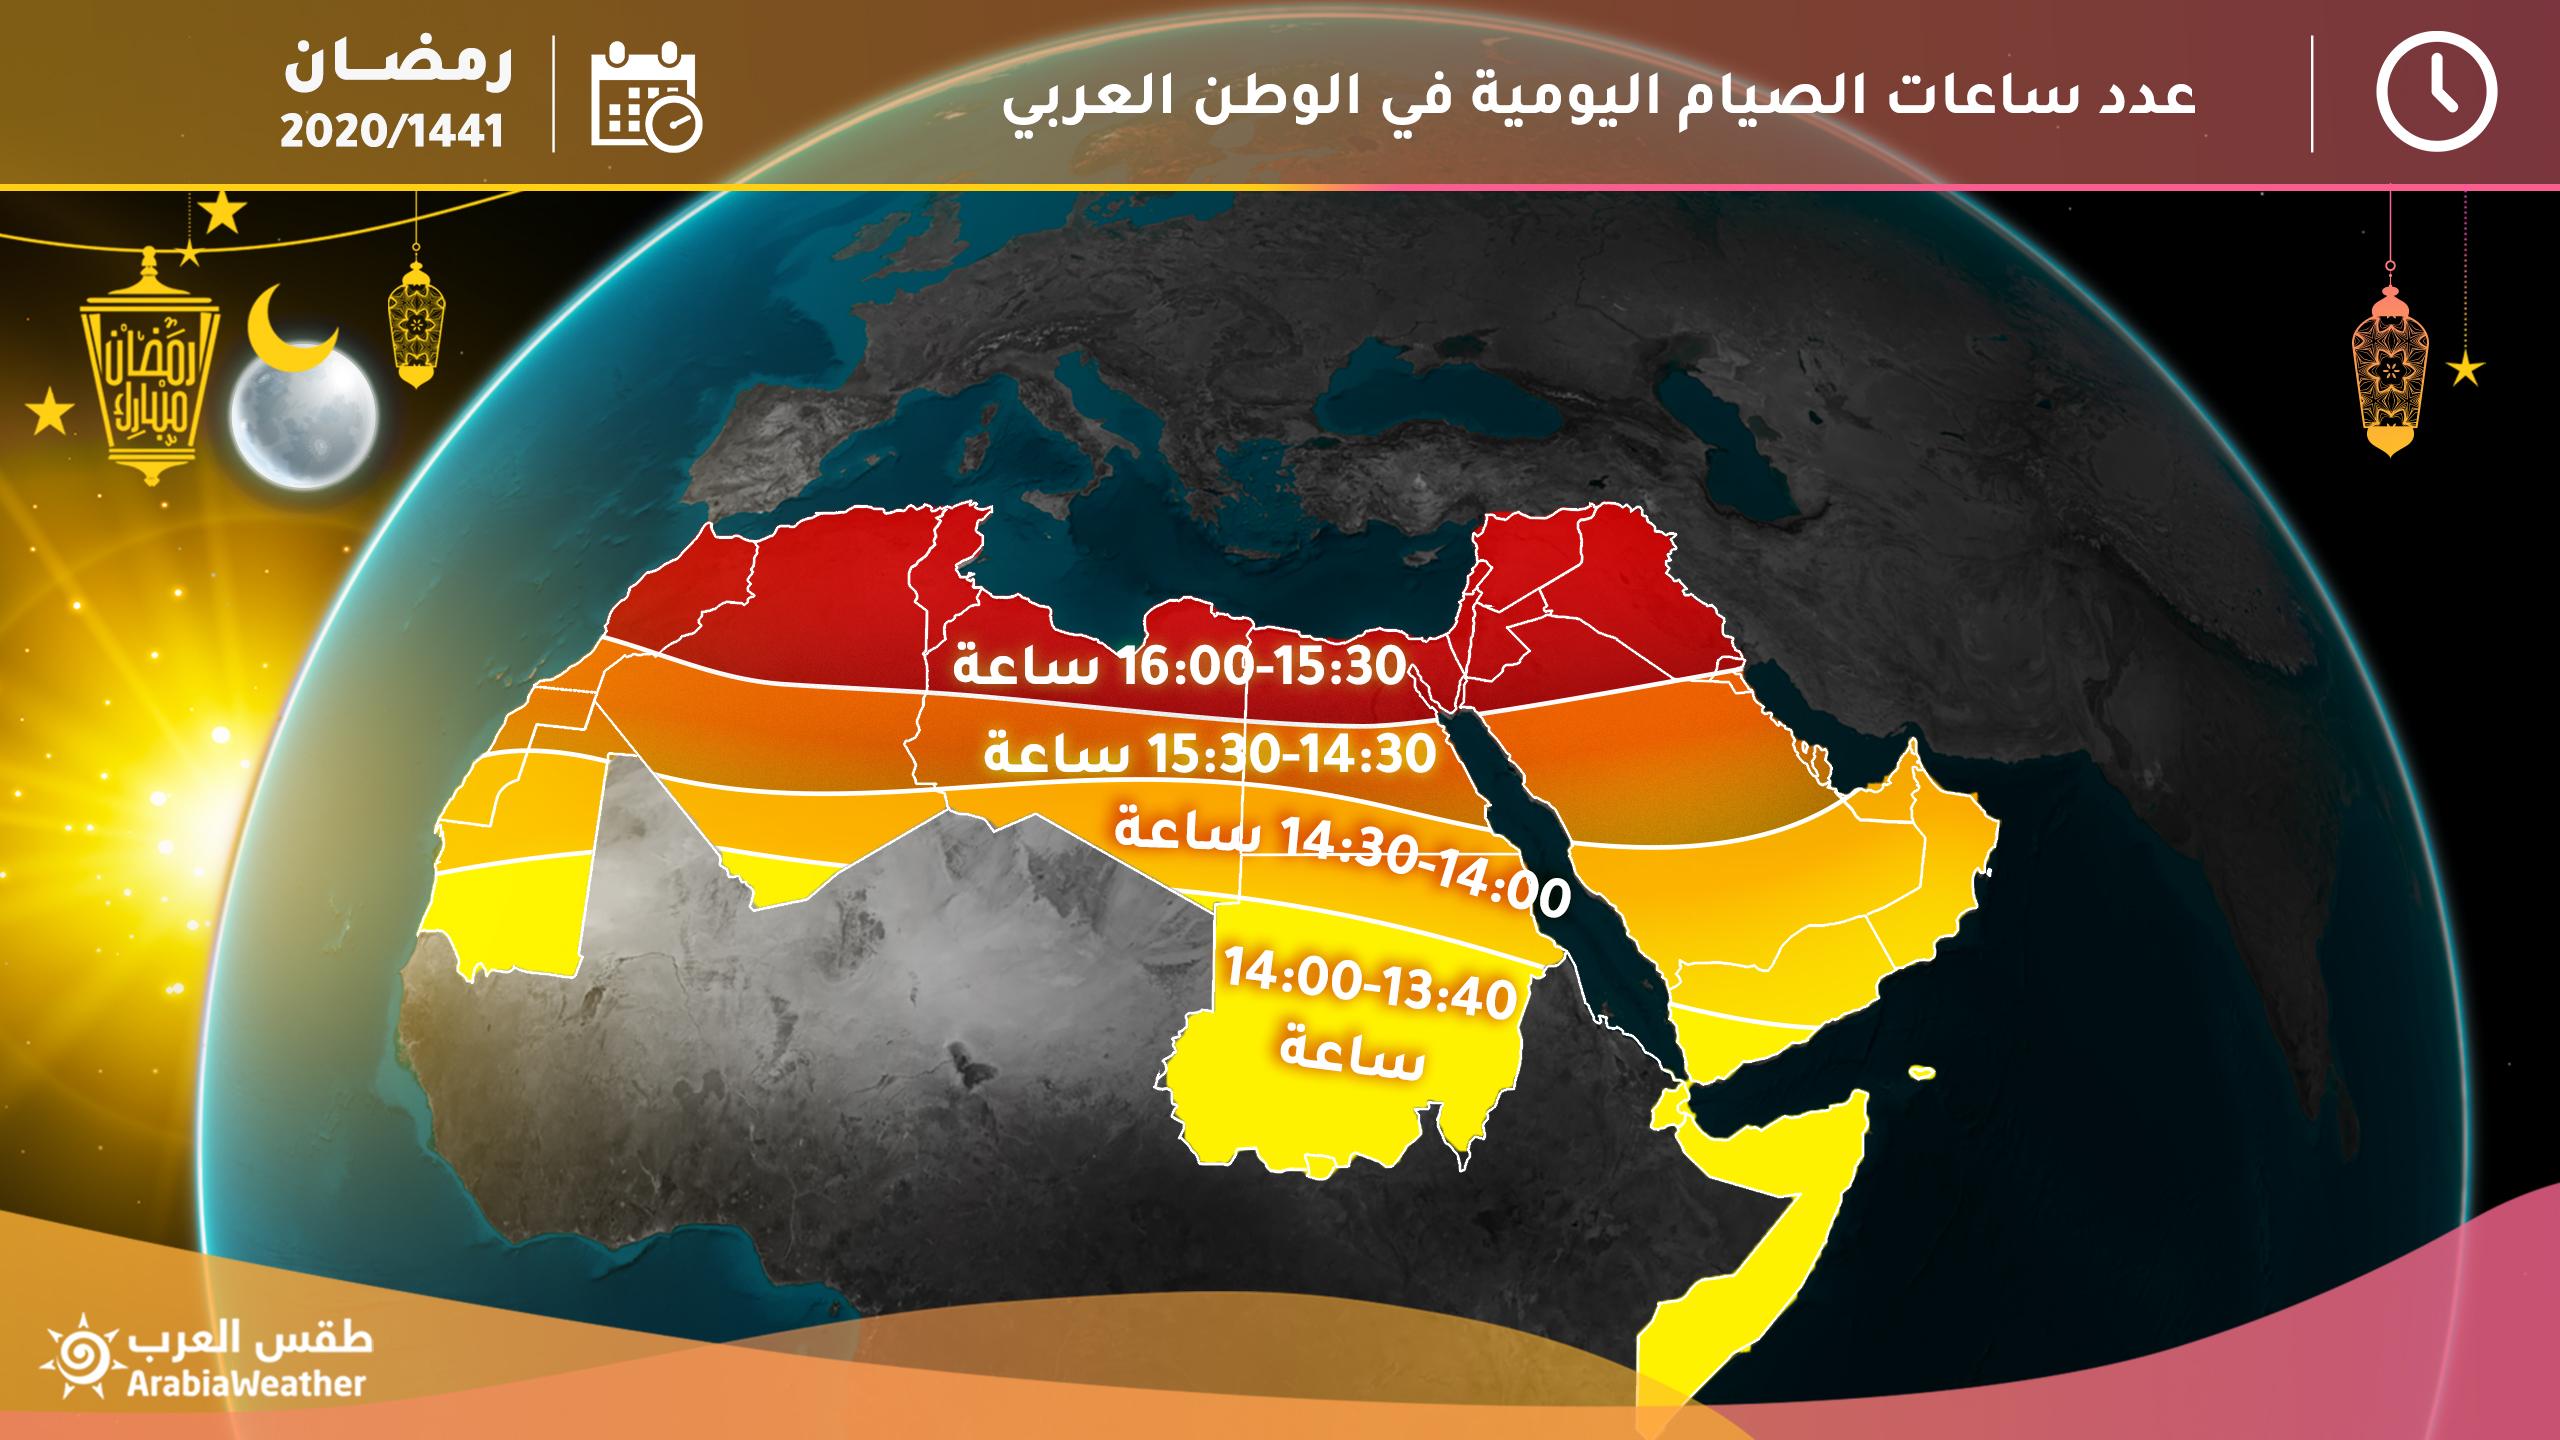 بالانفوغرافيك هذه عدد ساعات الصيام في الدول العربية في رمضان 2020 1441 طقس العرب طقس العرب